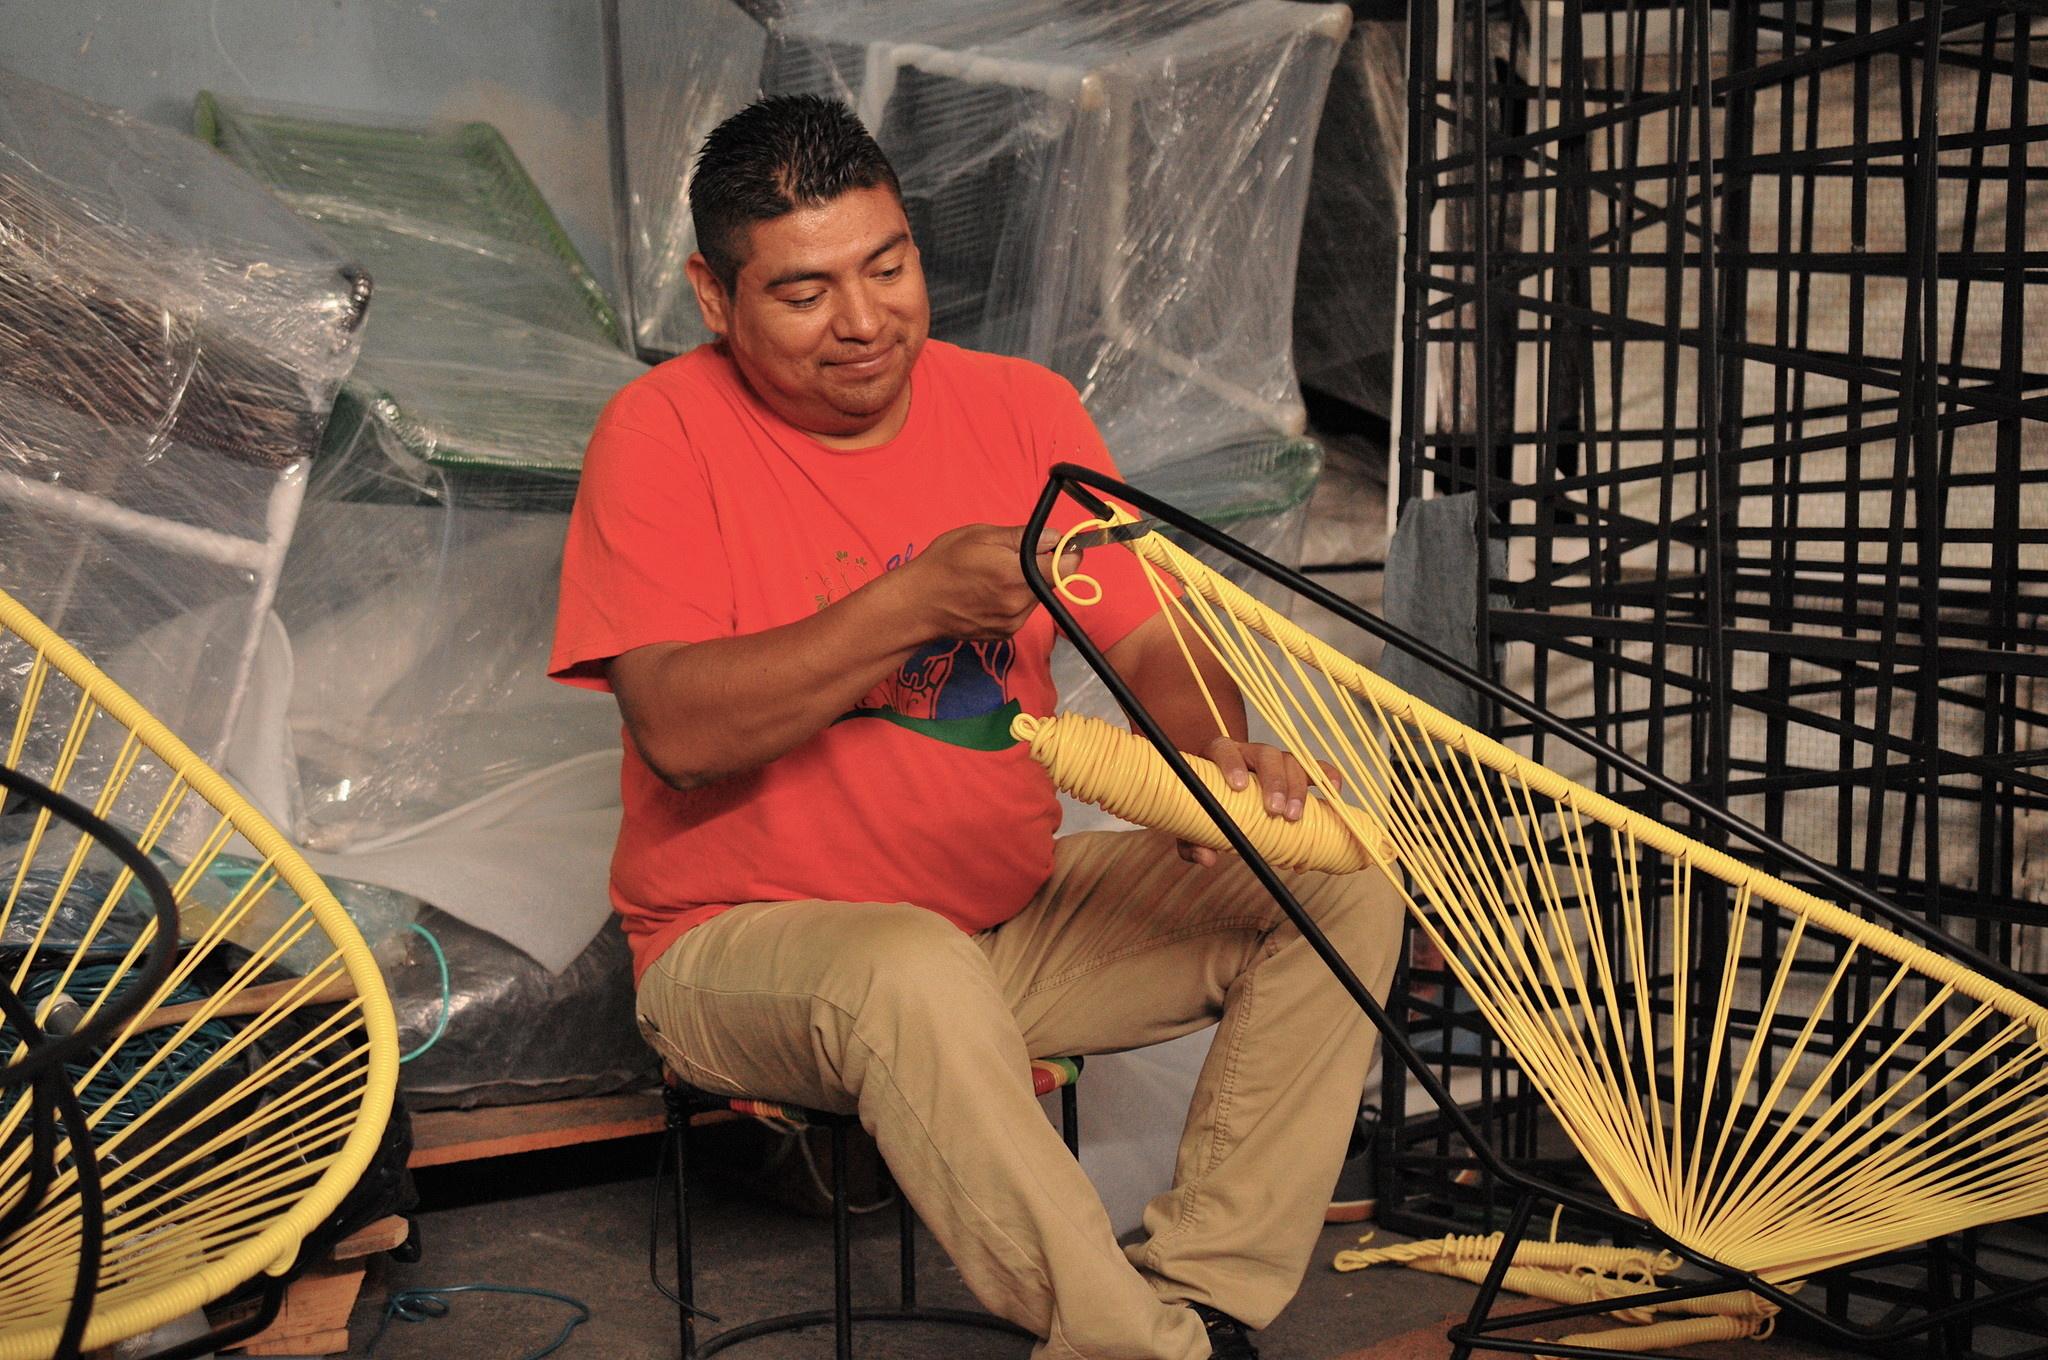 La chaise Acapulco originale: comment elle est fabriquée